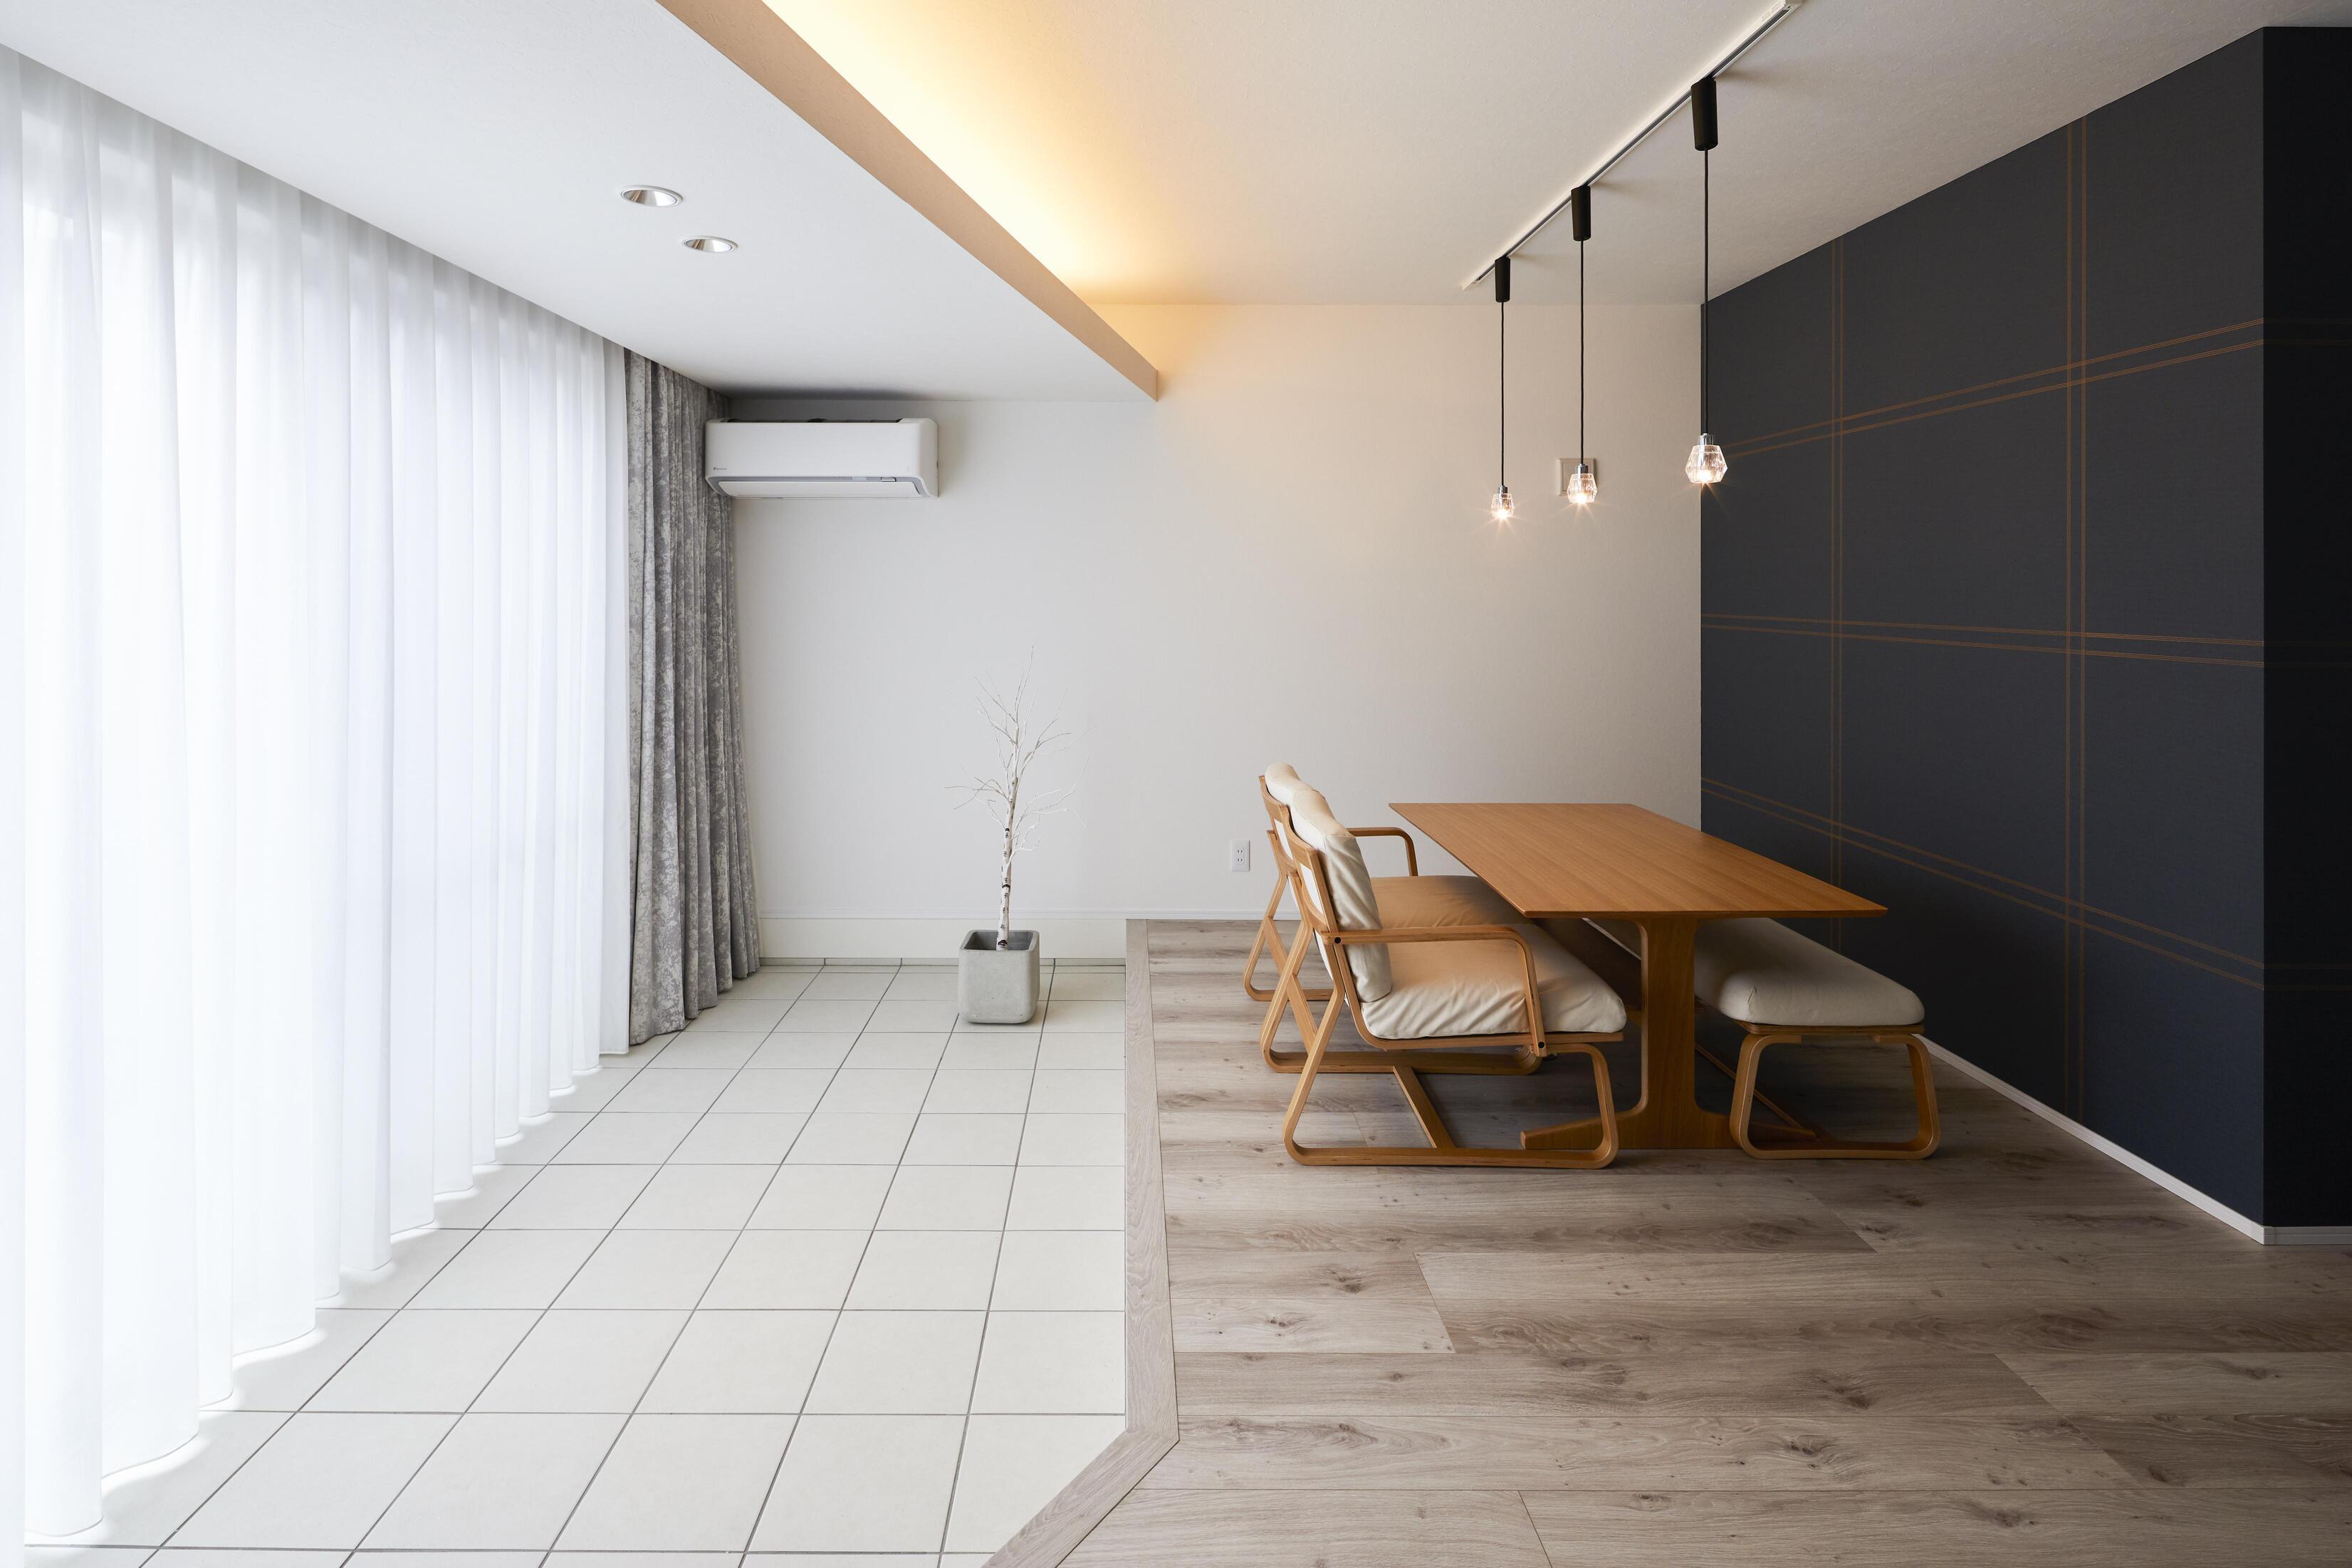 室内土間で床を下げたことにあわせて天井も下げ、そのスペースには間接照明を仕込んだ